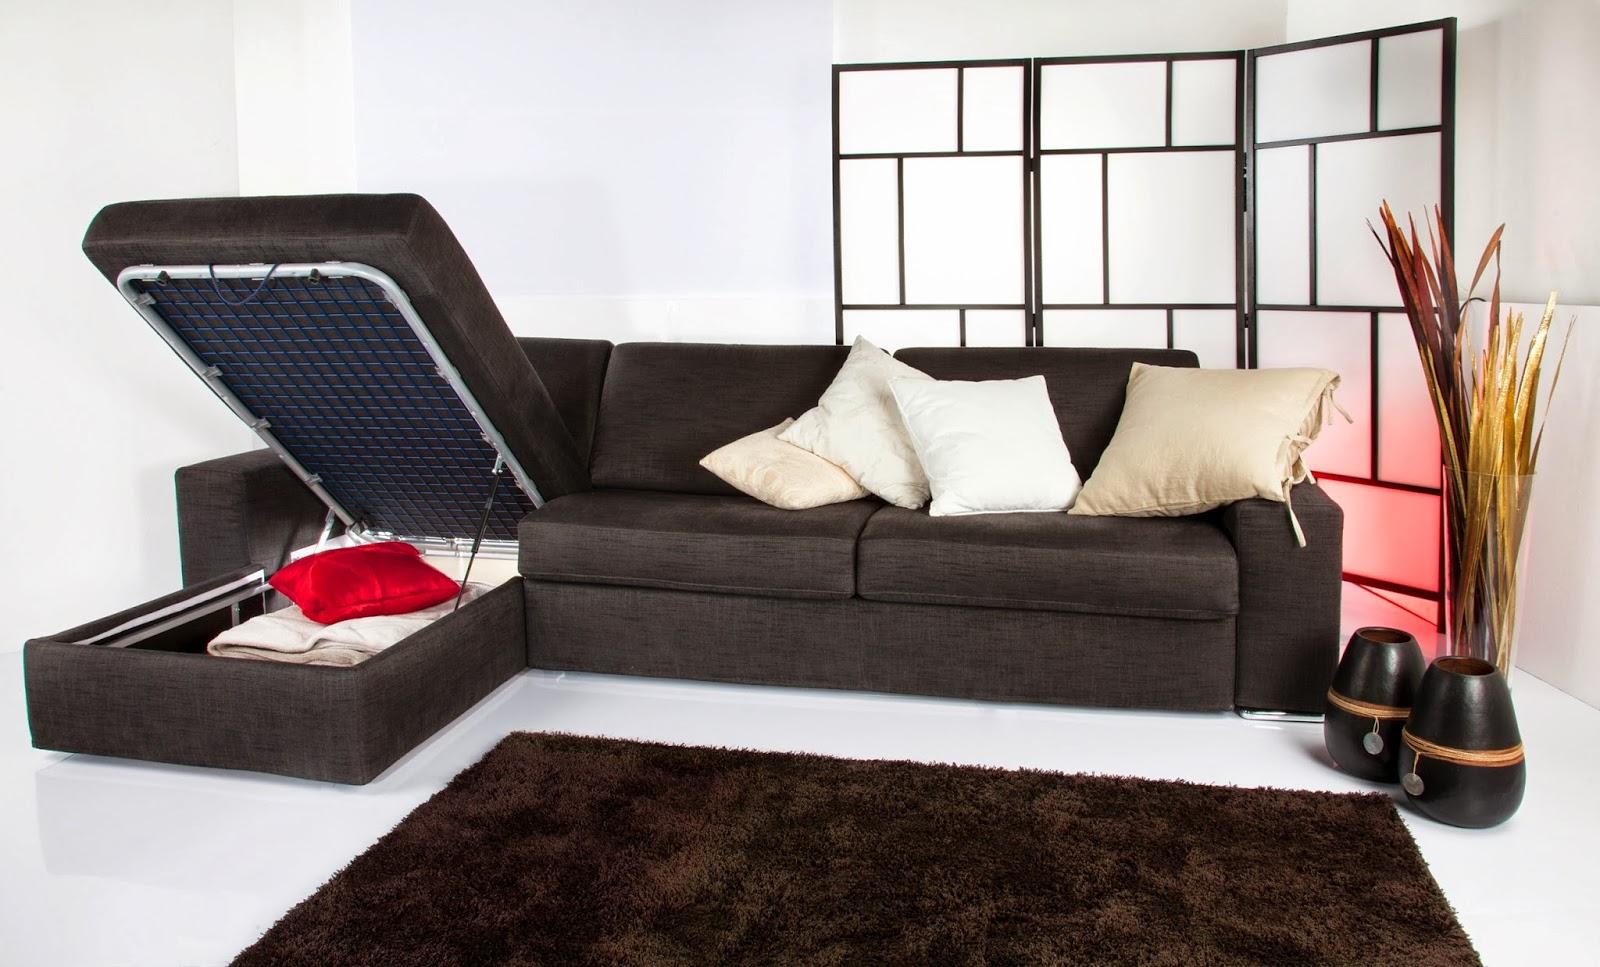 Divani blog tino mariani divani letto moderni - Cuscini divano on line ...